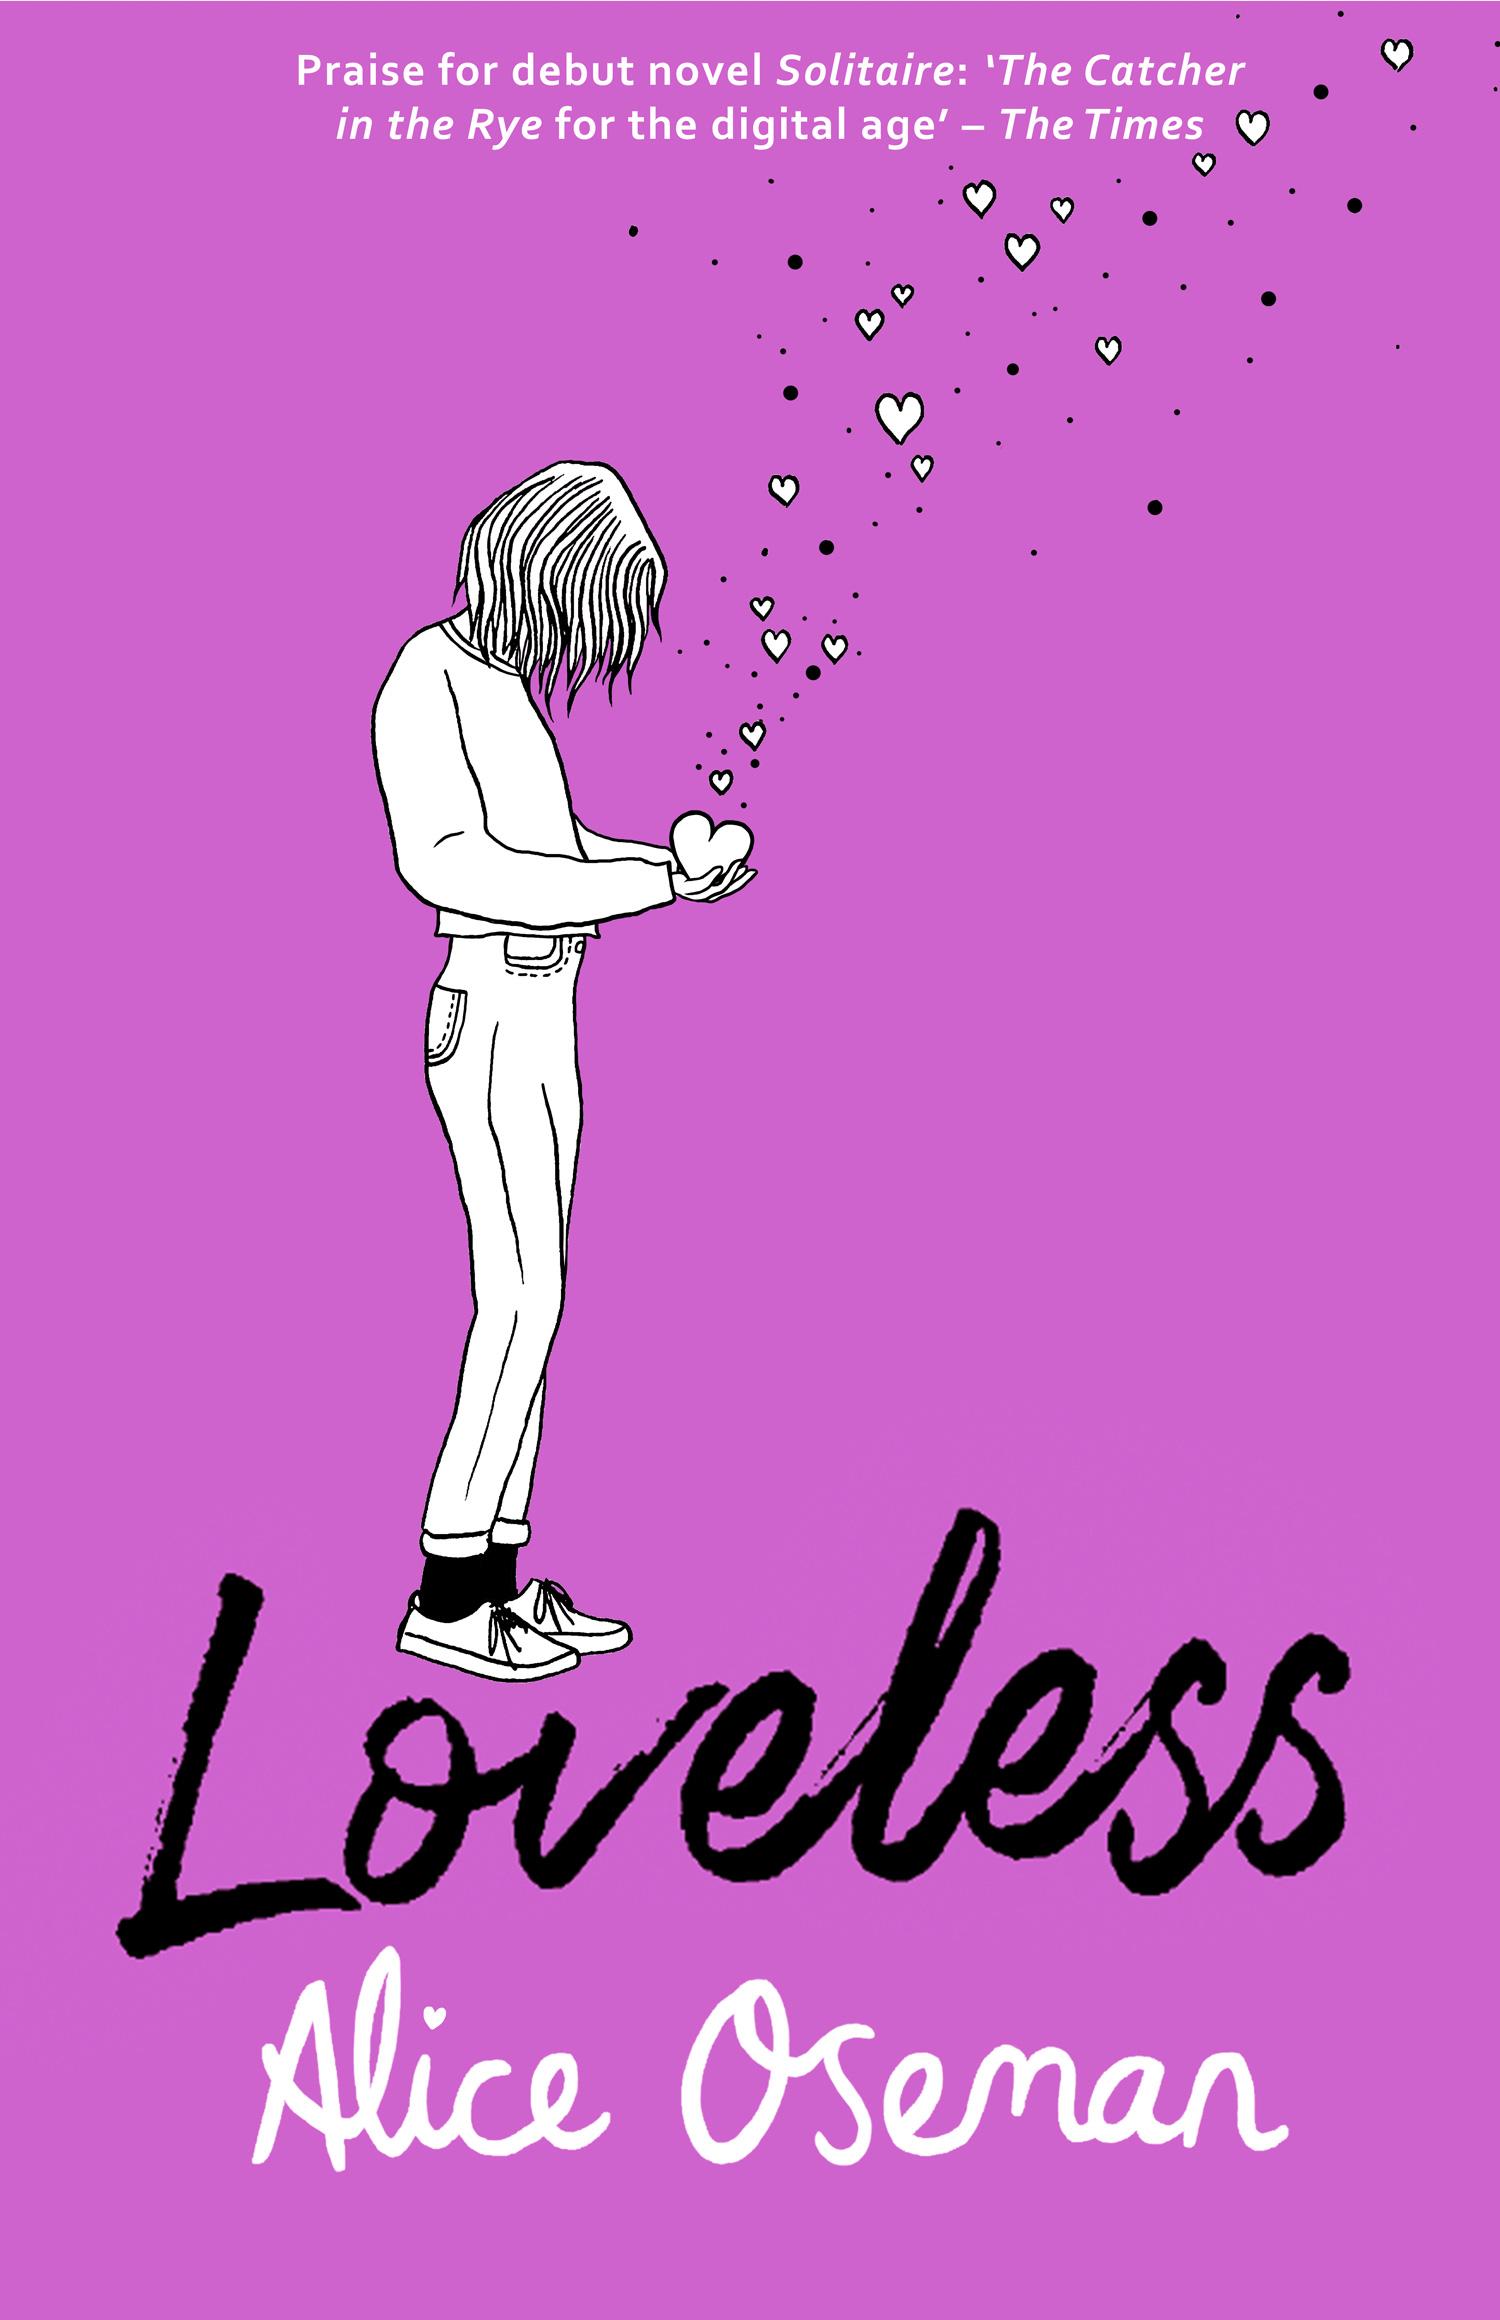 Loveless Alice Oseman Book Cover